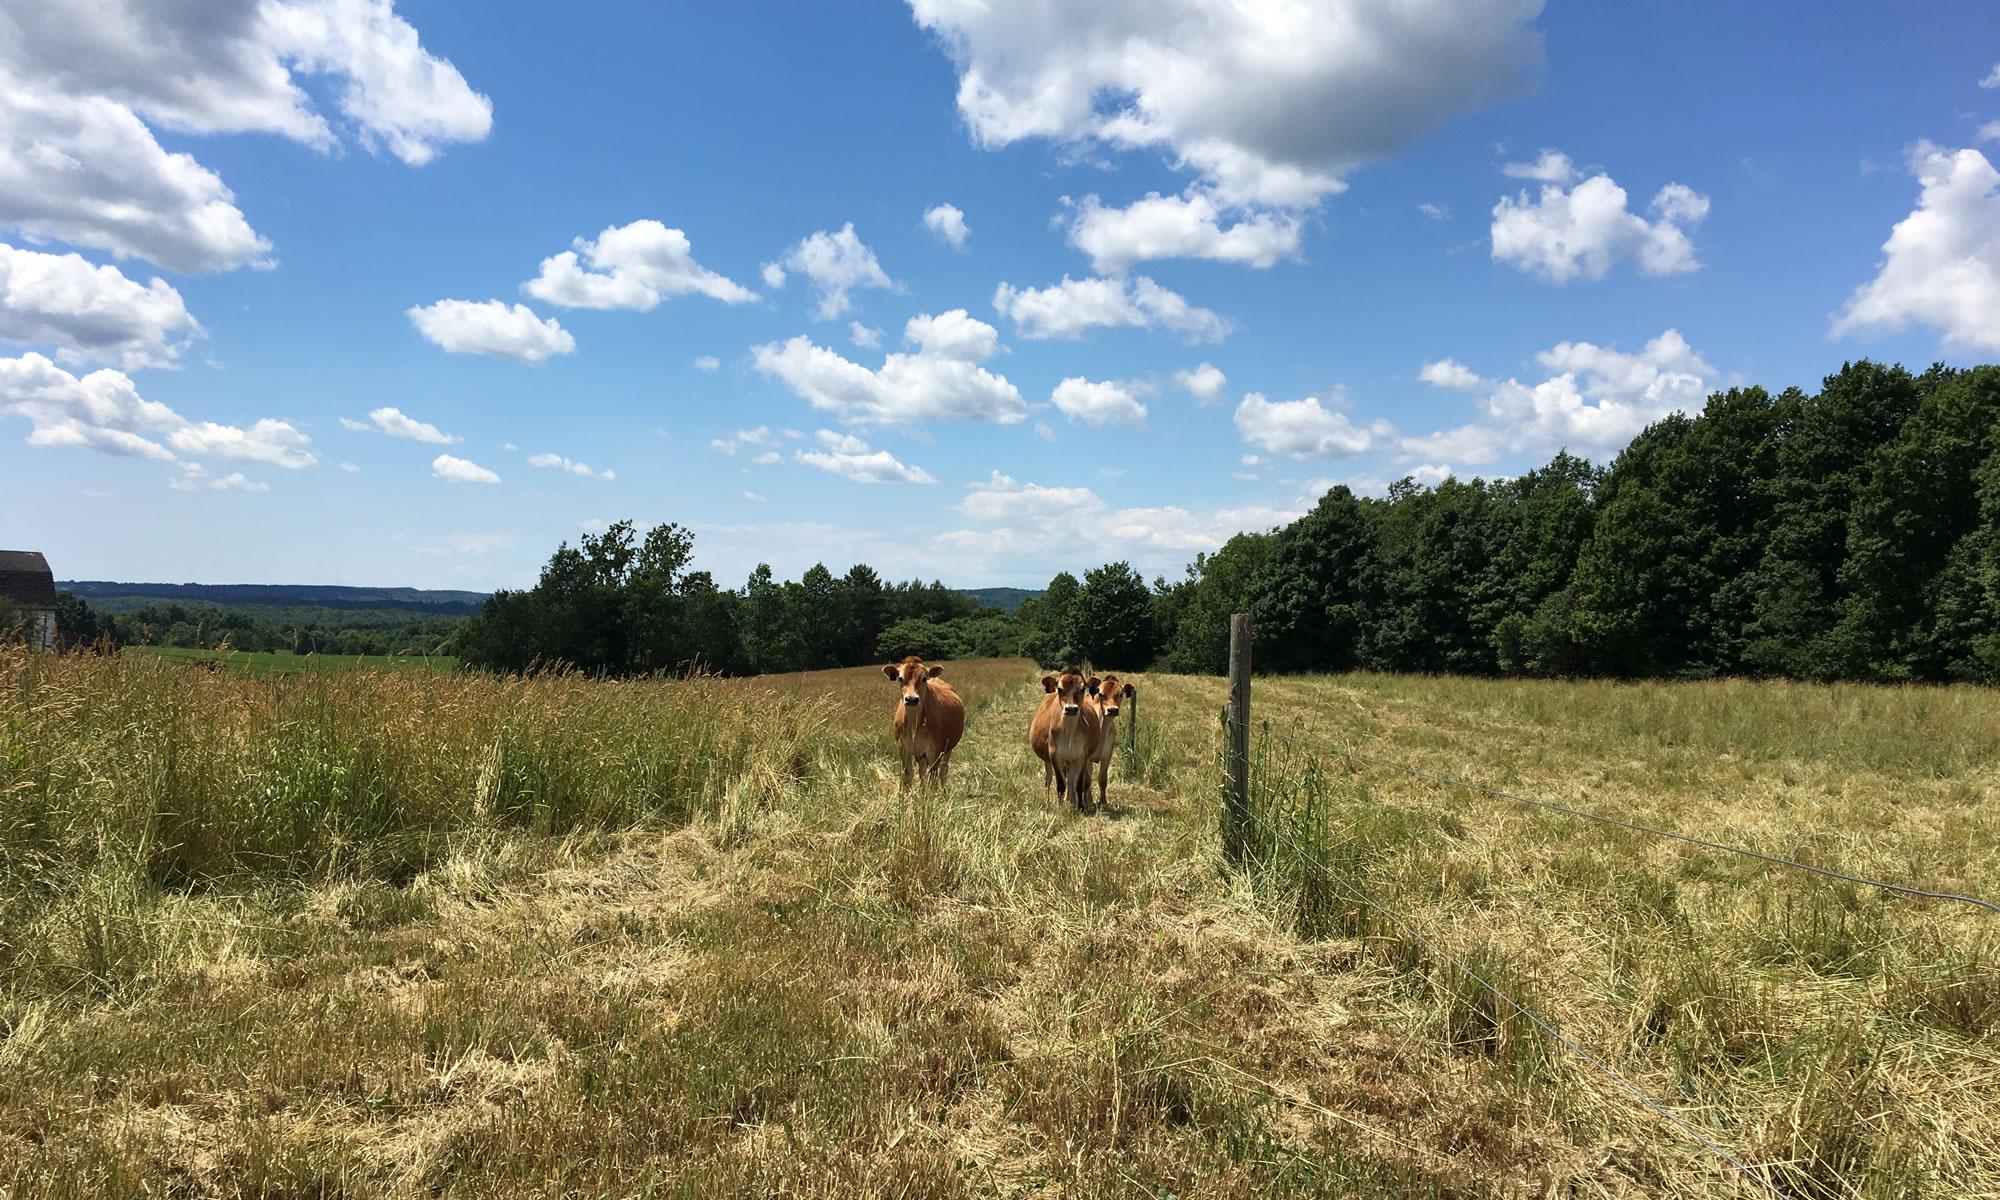 Plato Dale Farm